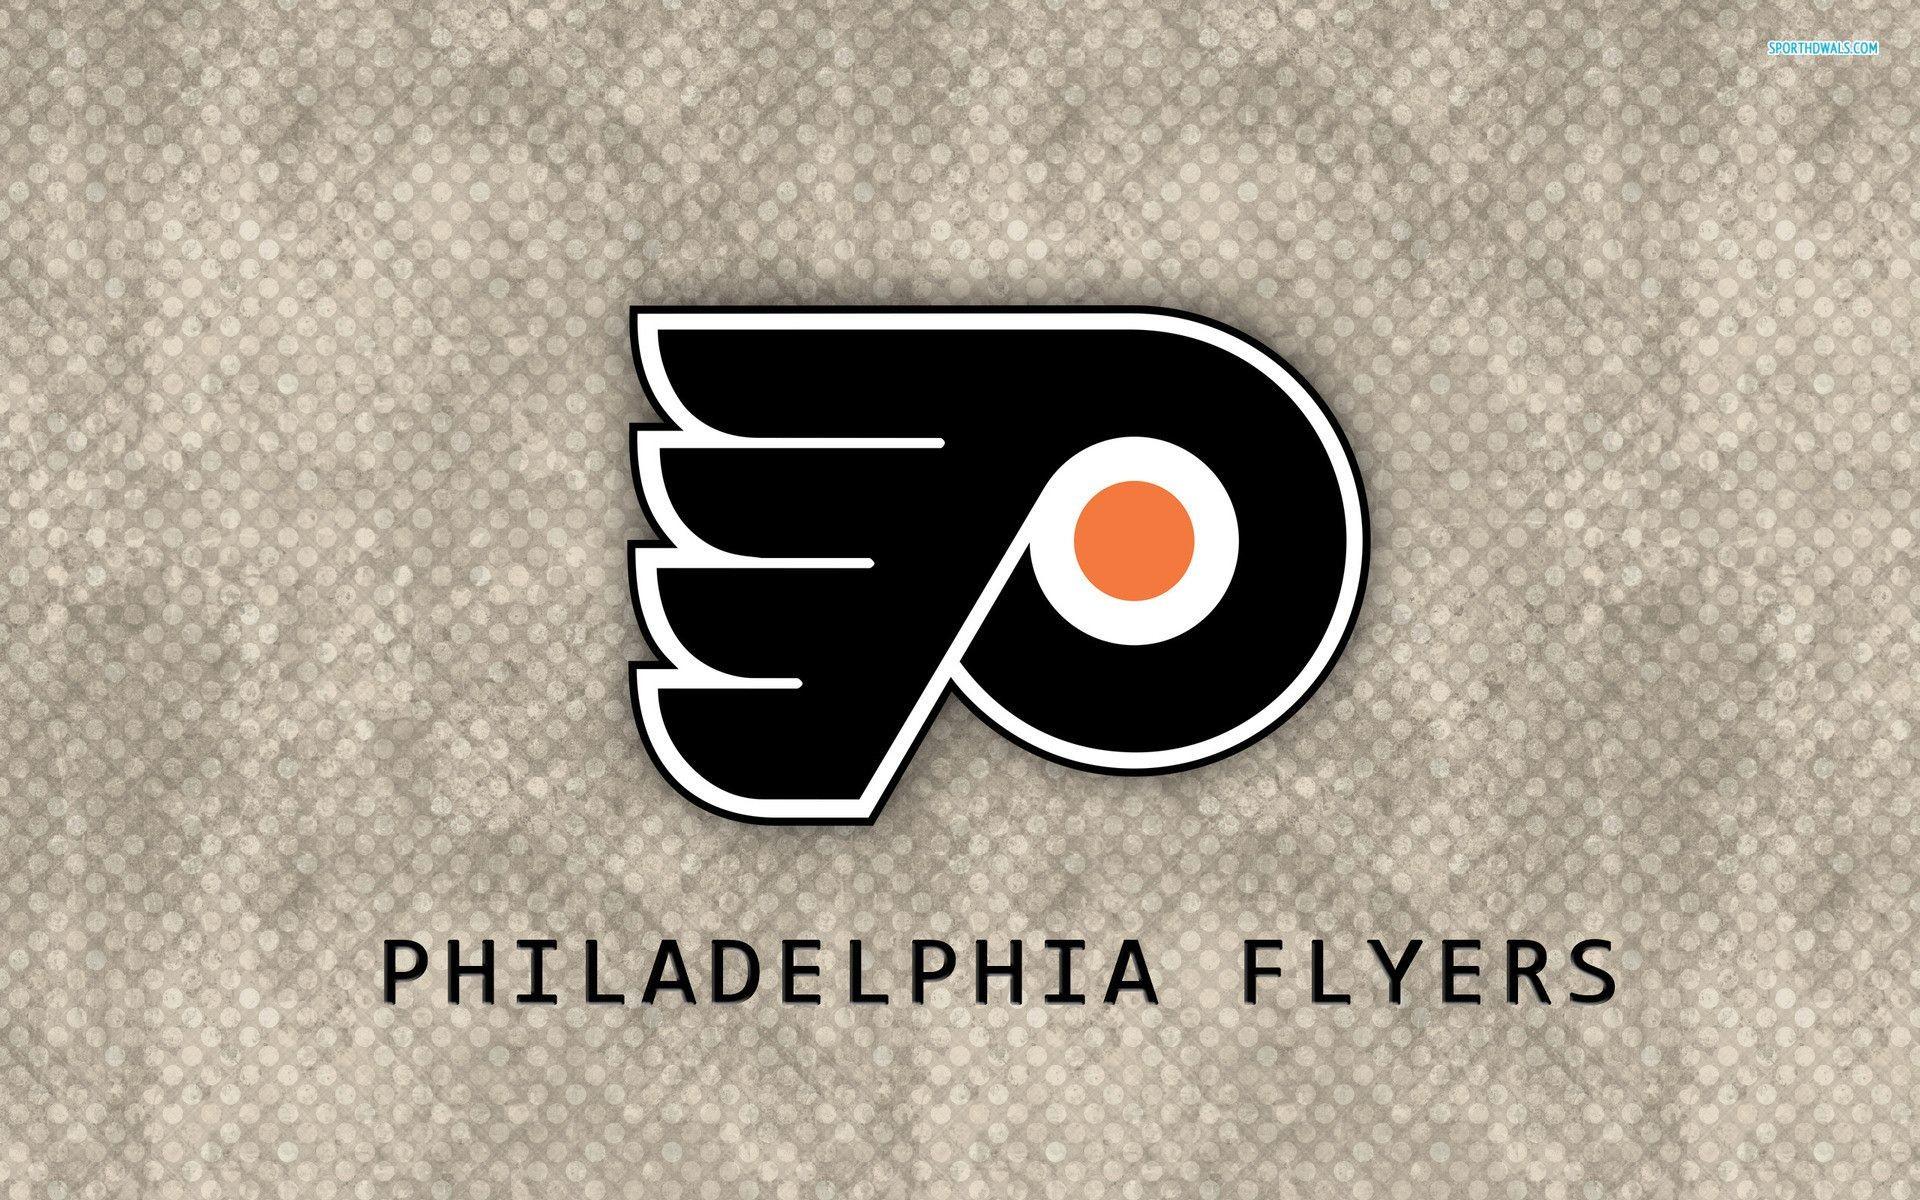 philadelphia flyers logo wallpaper 67 images